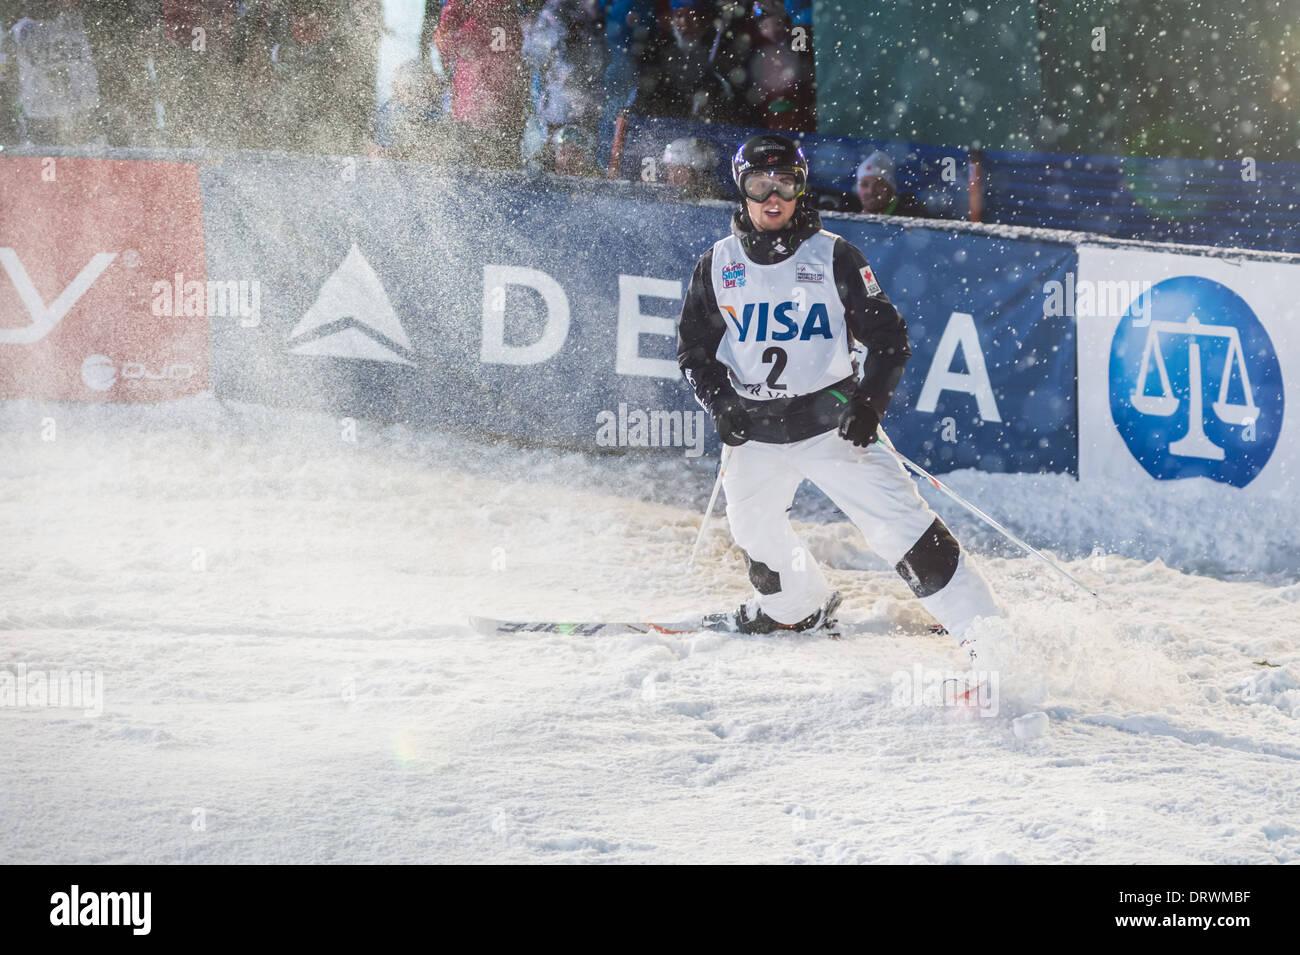 Alex Bilodeau Podiums at 2014 FIS Freeski World Cup 2, Moguls, Deer